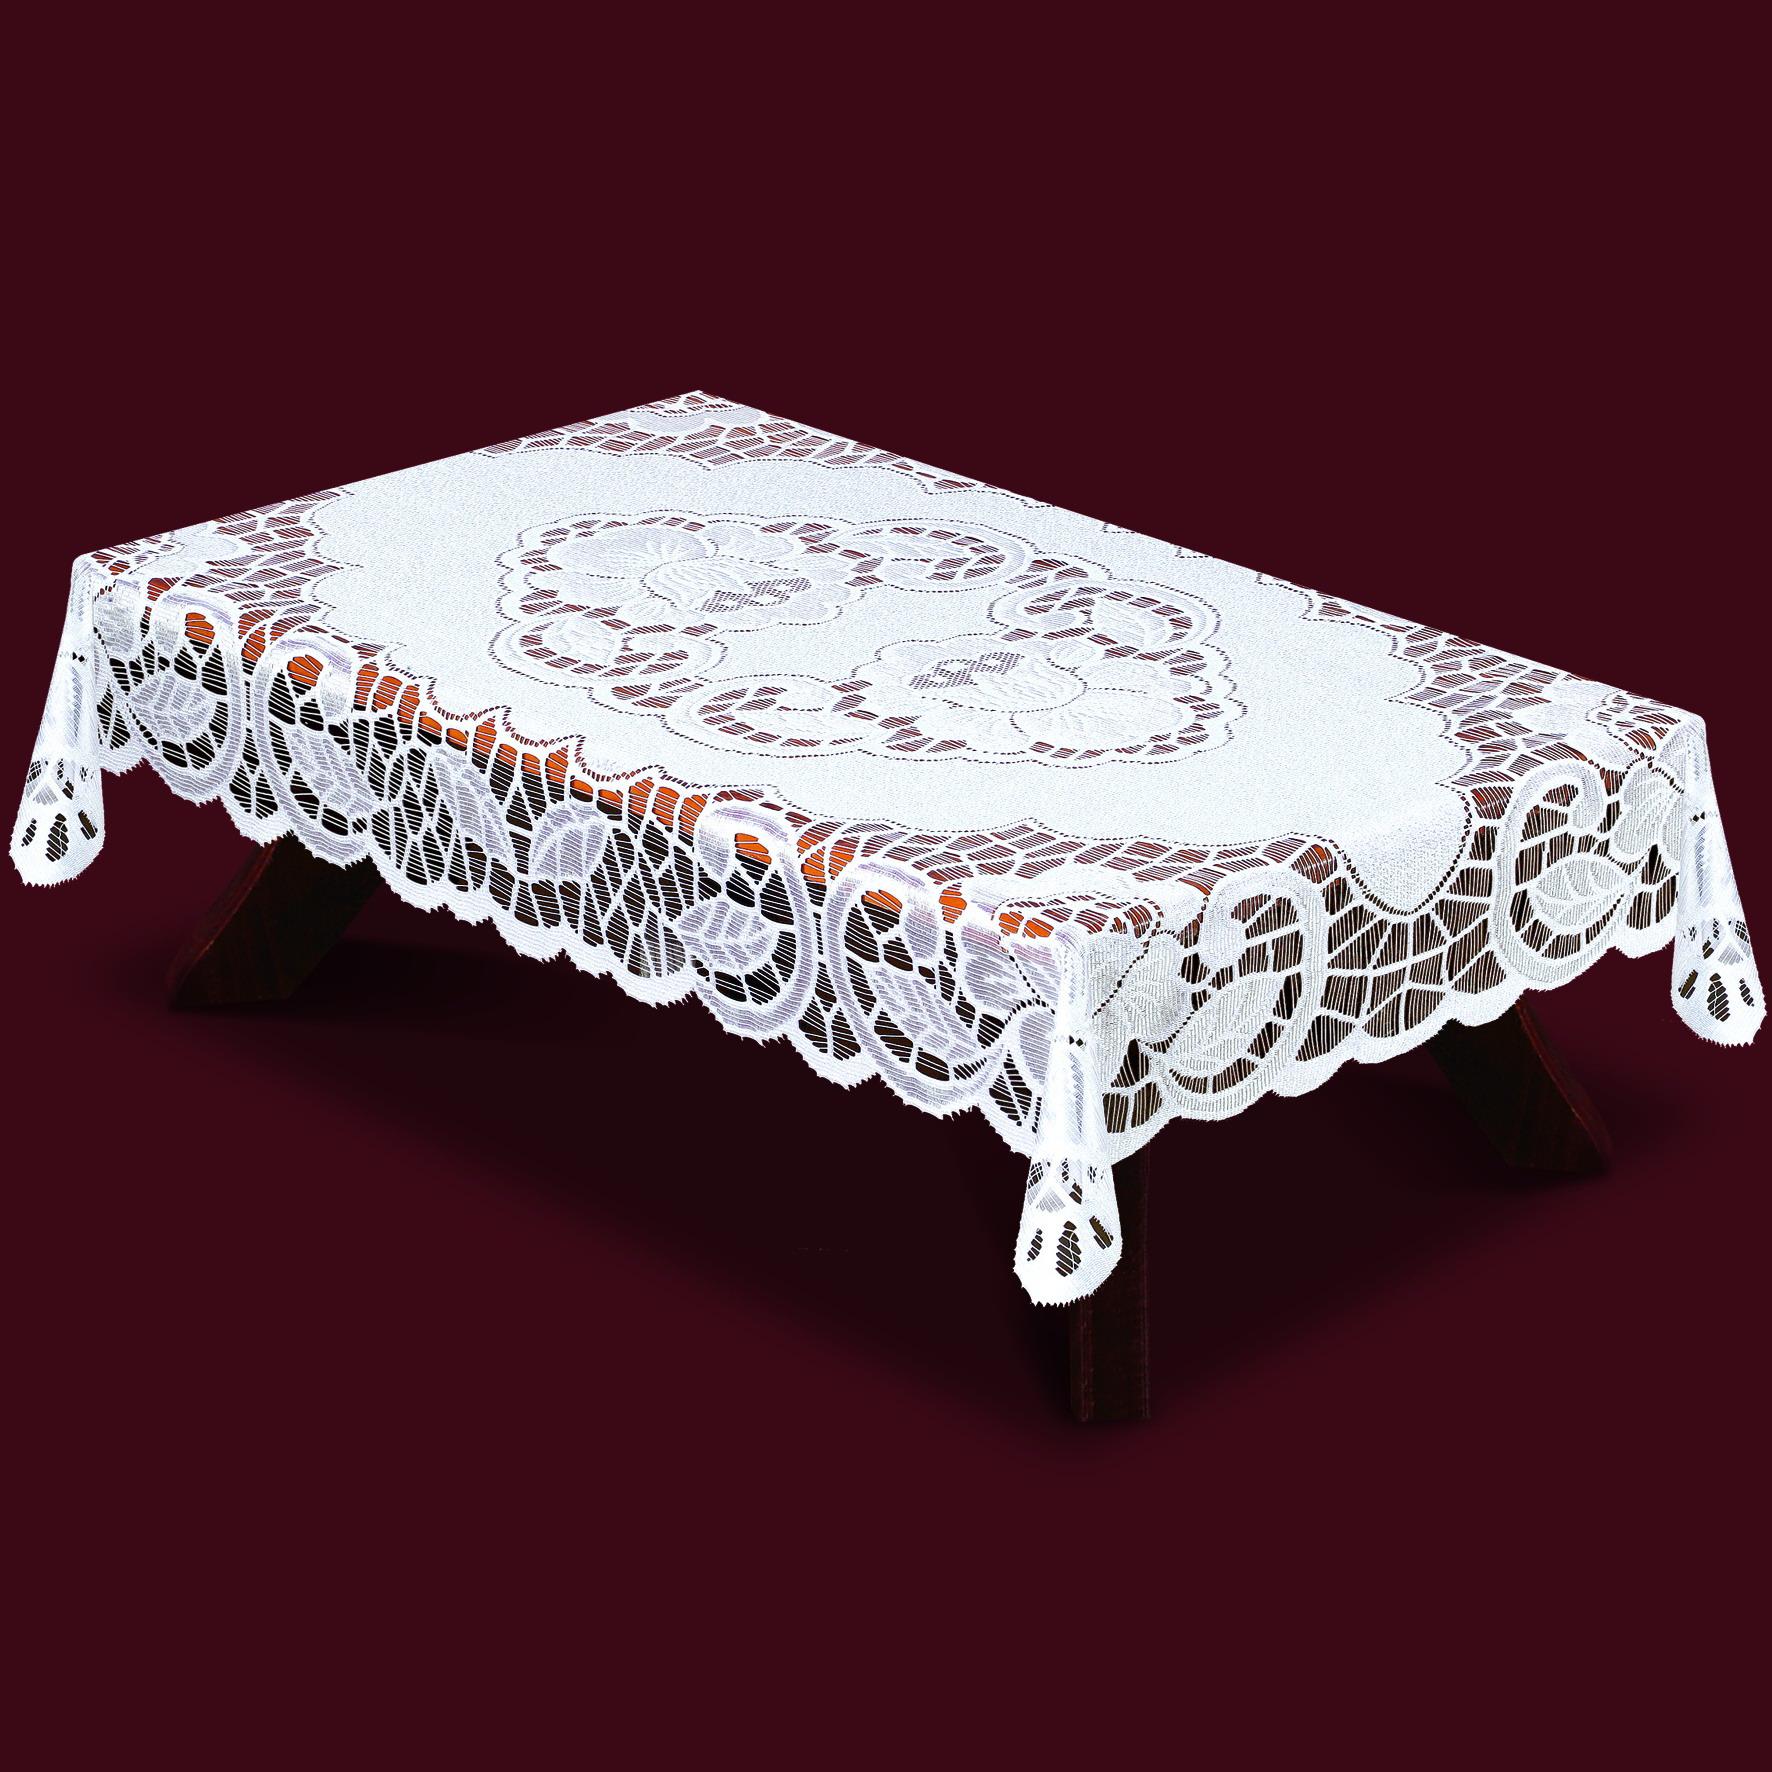 Скатерть Haft Skarb Babuni, прямоугольная, цвет: белый, 150x 300 см. 38850/15038850/150Великолепная прямоугольная скатерть Haft Skarb Babuni, выполненная из 100% полиэстера, органично впишется в интерьер любого помещения, а оригинальный дизайн удовлетворит даже самый изысканный вкус. Скатерть изготовлена из сетчатого материала с ажурным орнаментом по краям и по центру. Скатерть Haft Skarb Babuni создаст праздничное настроение и станет прекрасным дополнением интерьера гостиной, кухни или столовой.